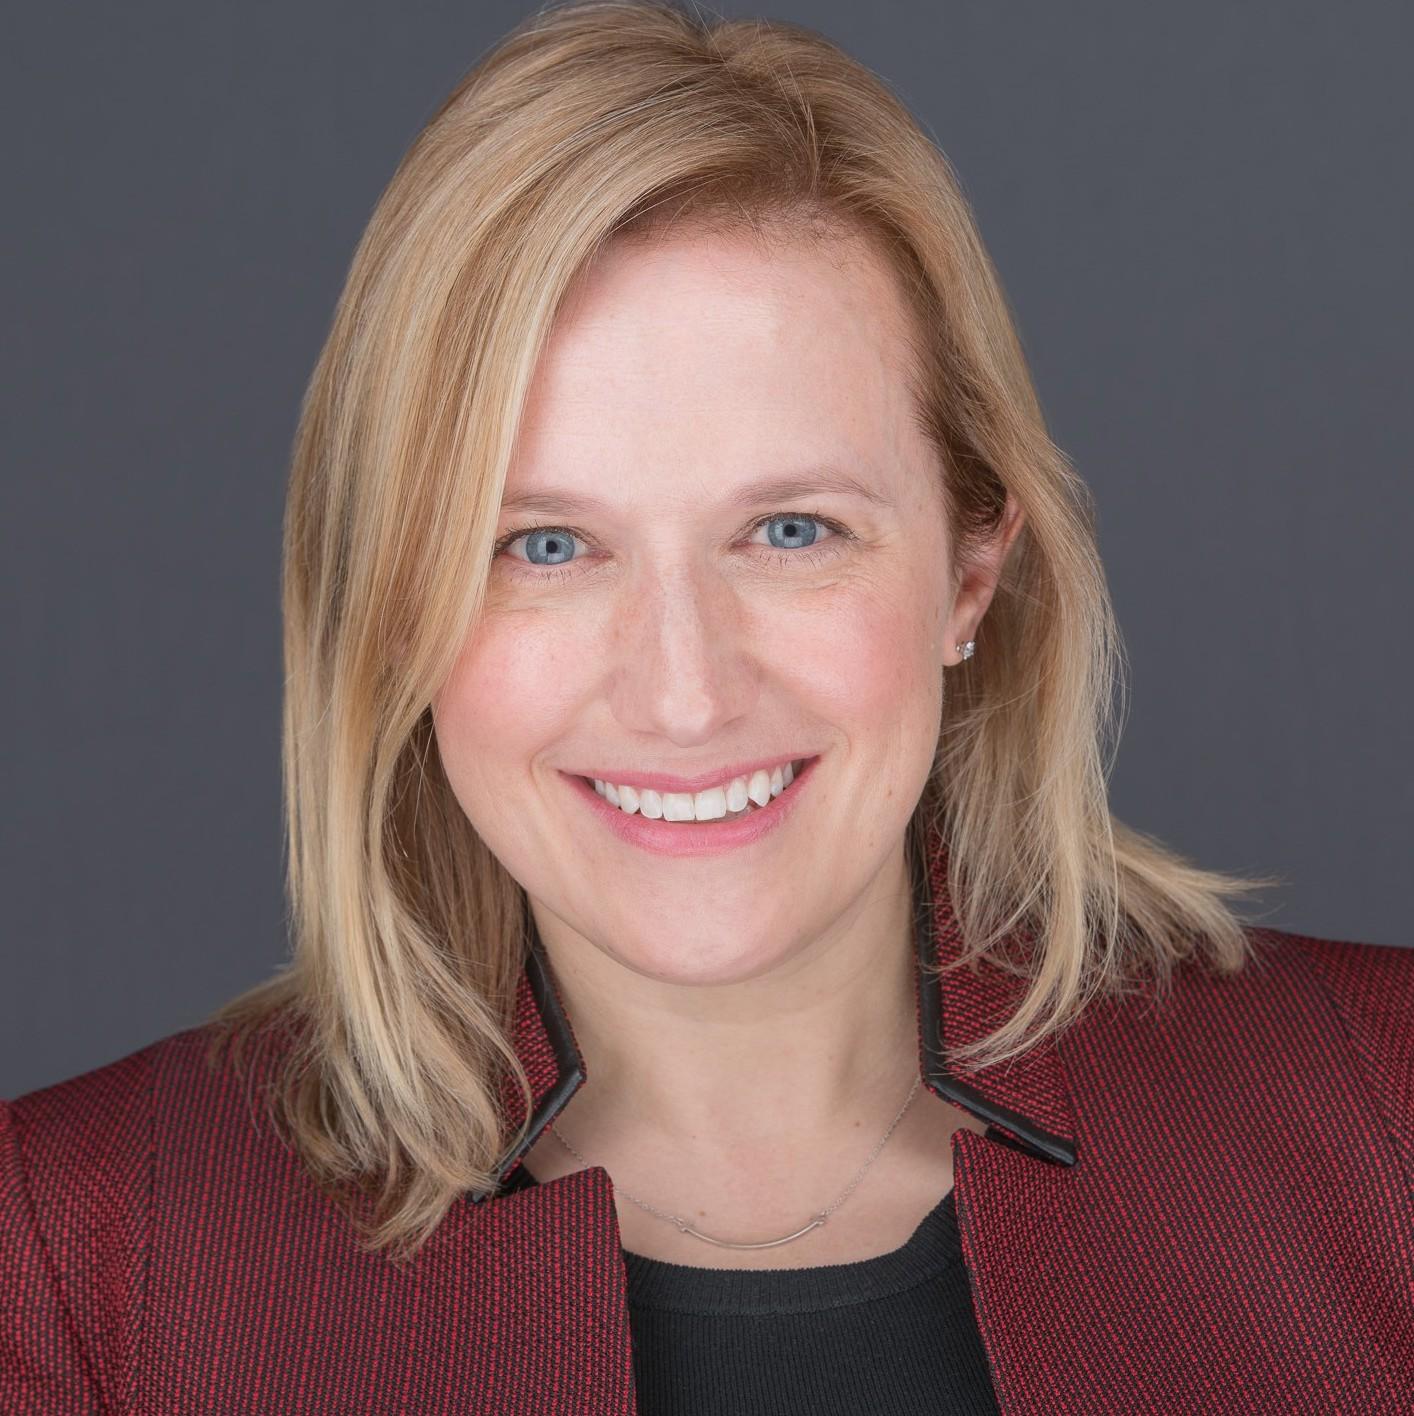 Alison Loat